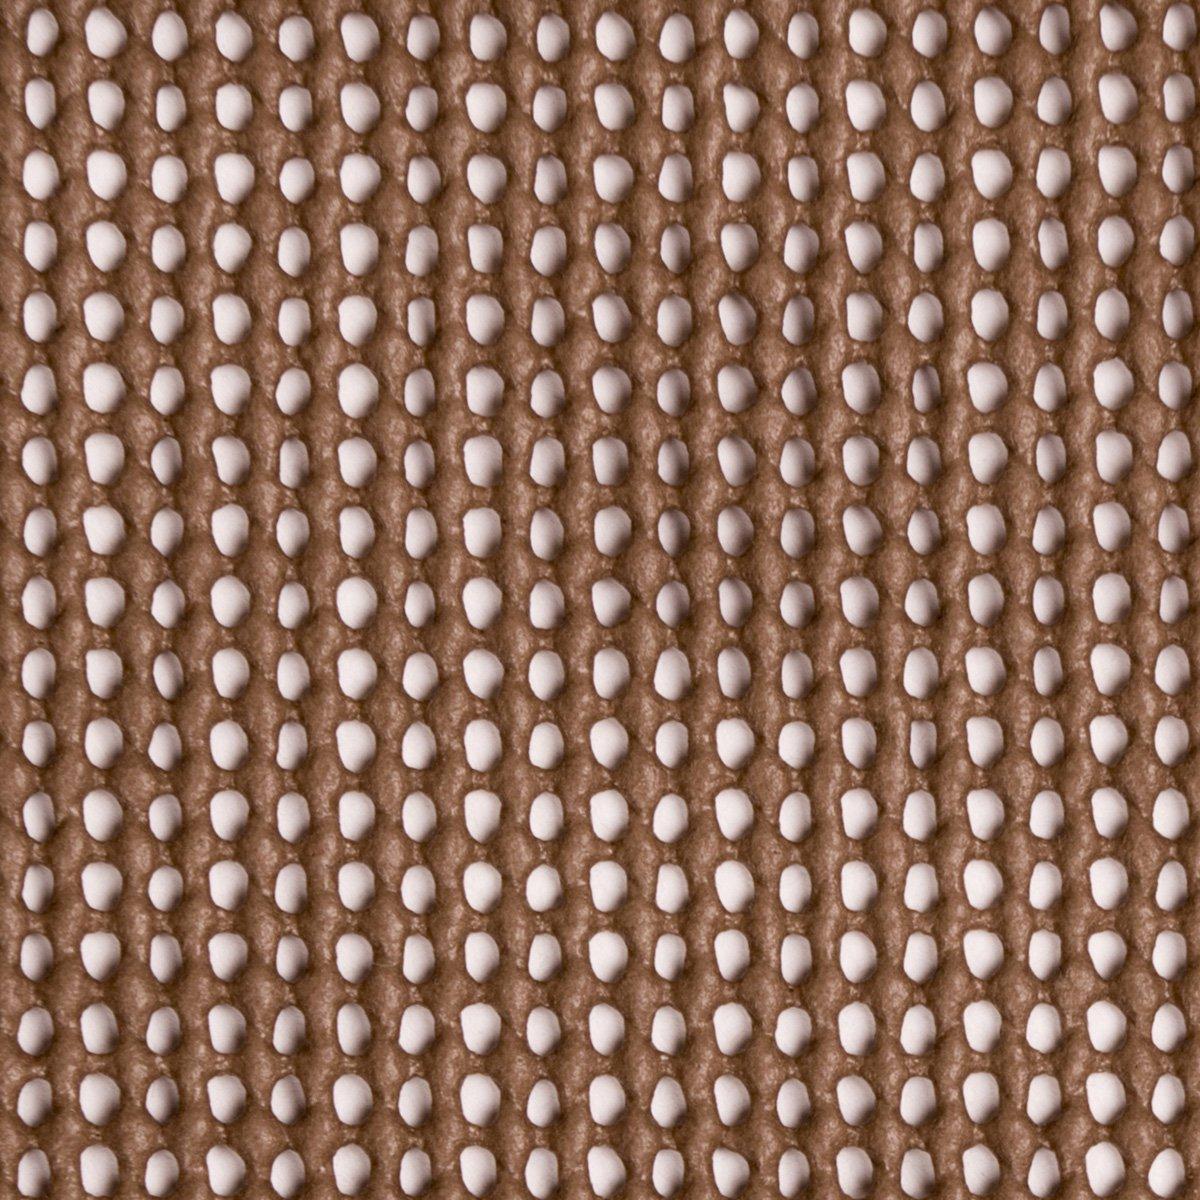 Vorzelt-Teppich Braun 250x600cm, schimmelfrei, waschbar, schimmelfrei, 250x600cm, strapazierfähig • Zeltteppich Vorzeltteppich Campingteppich Zeltboden Vorzeltboden Camping b70c43